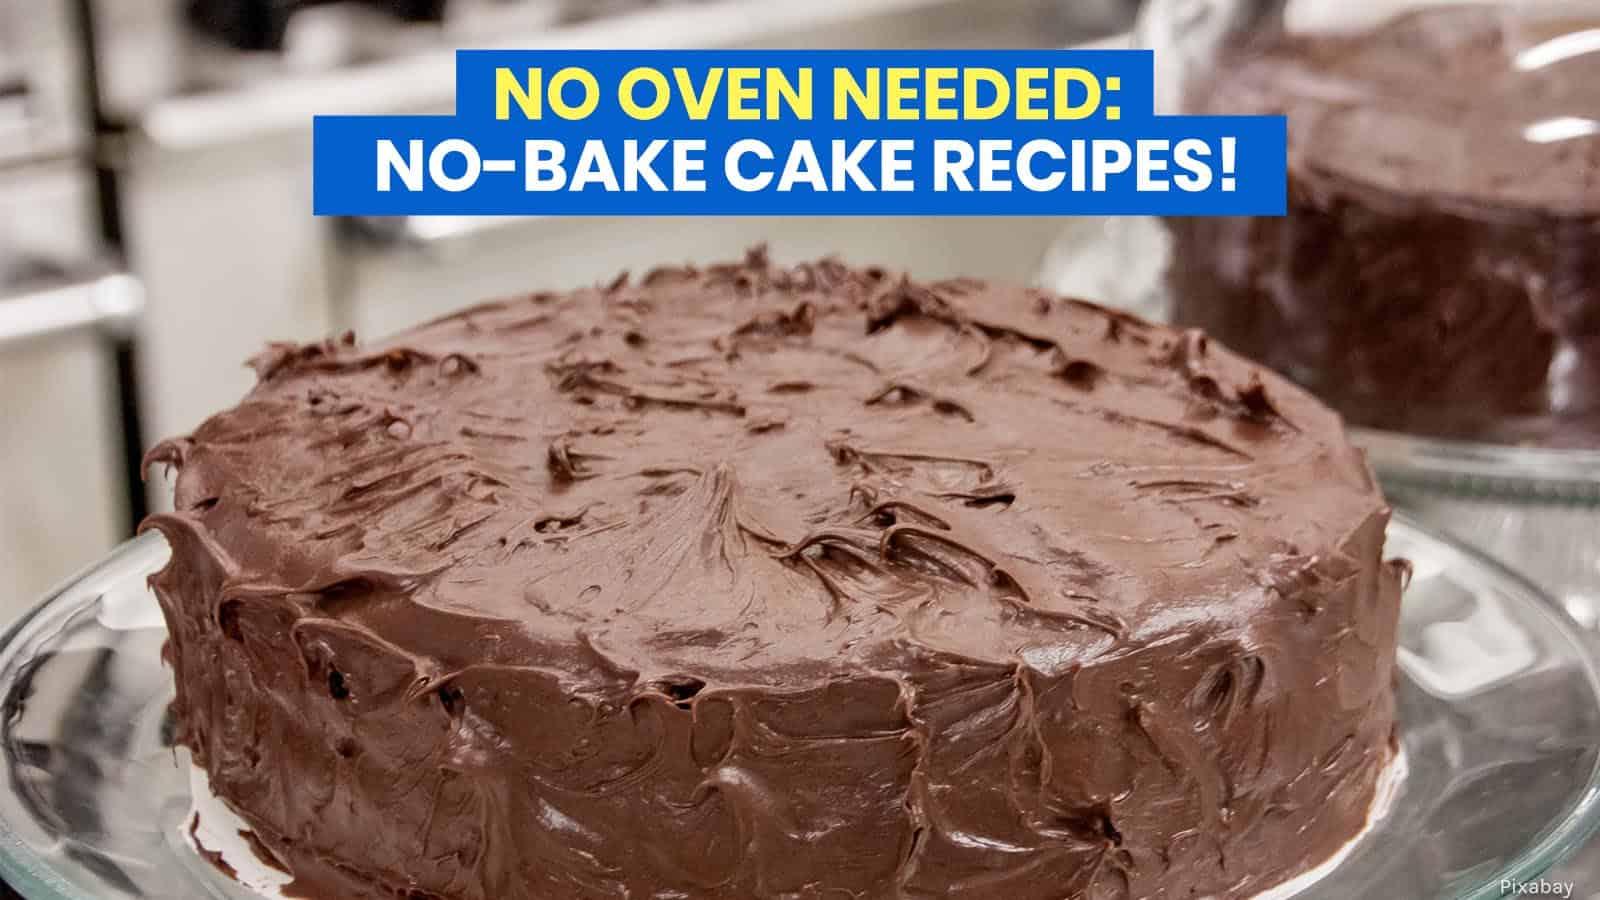 10 NO-BAKE CAKE RECIPES: No Oven Needed!